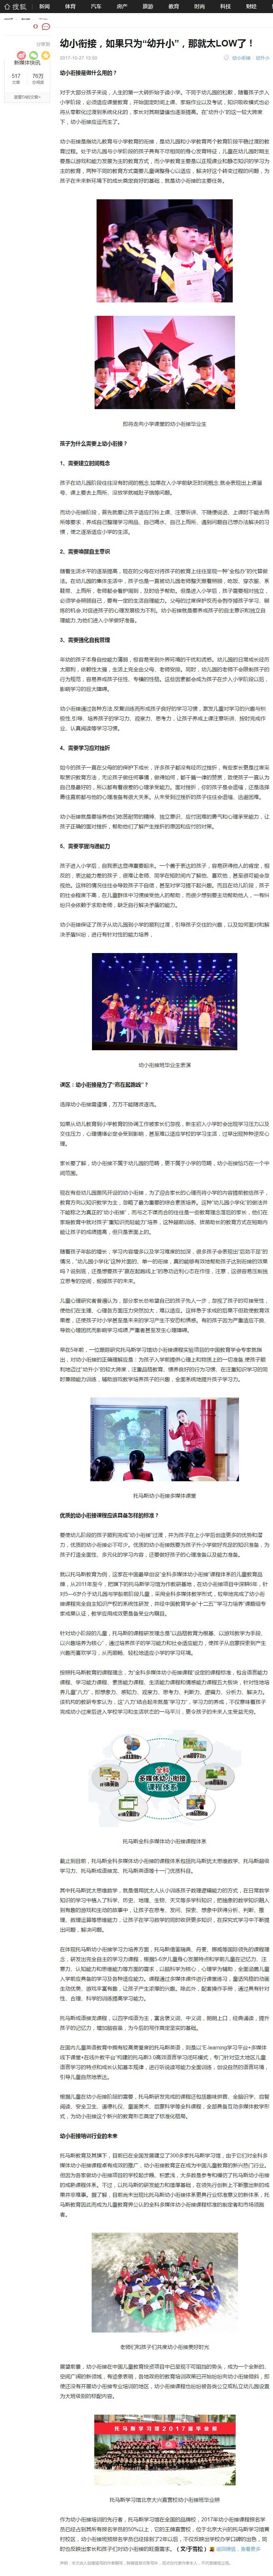 搜狐教育:托马斯成功领跑STEAM课程教育